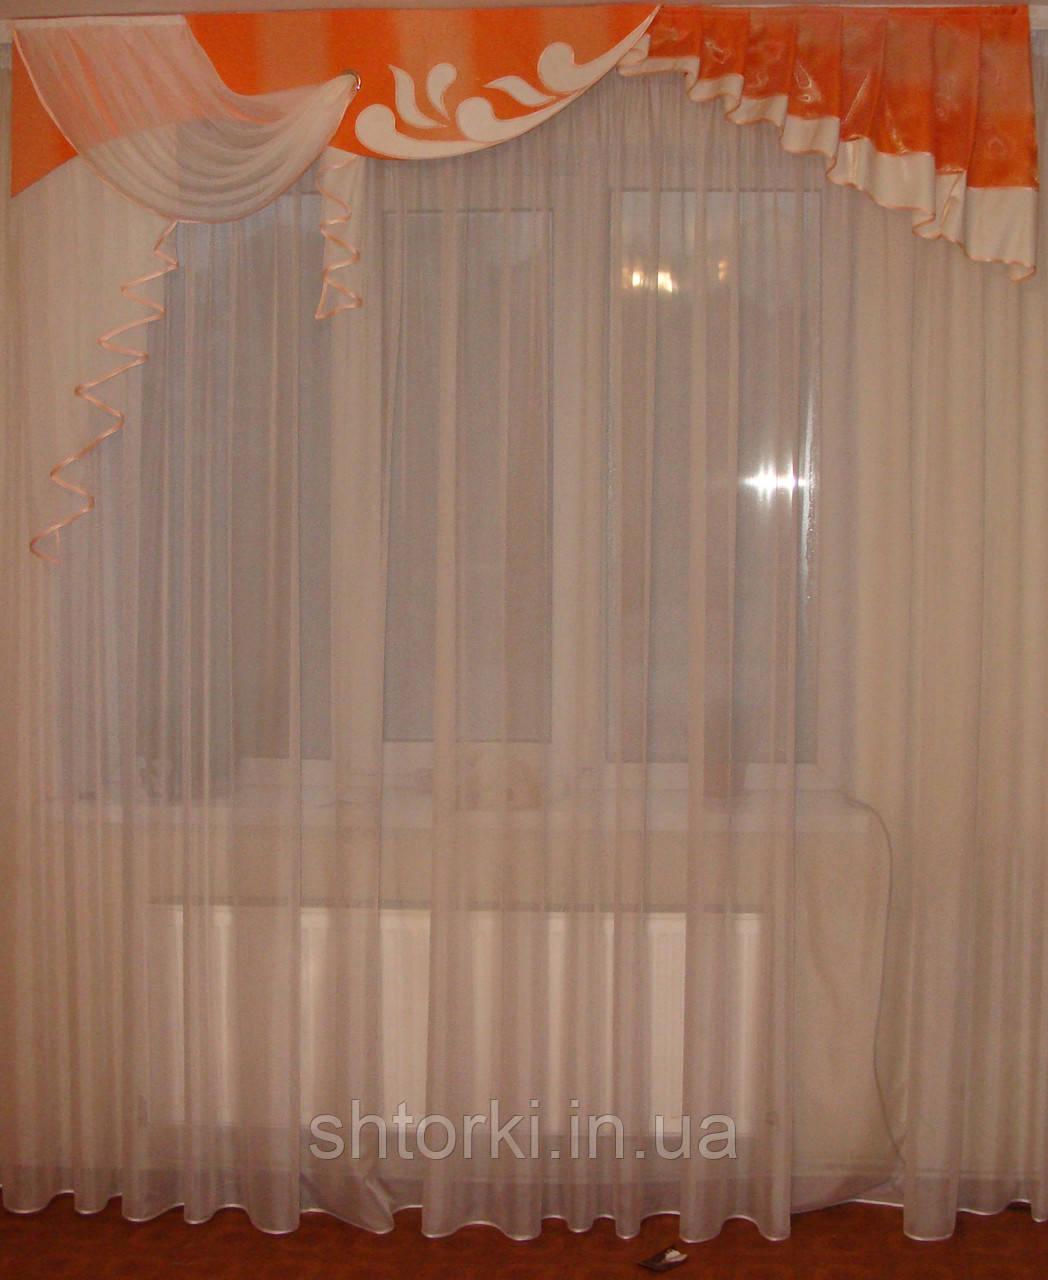 Жесткий ламбрекен Вензель 2м оранж с персиком